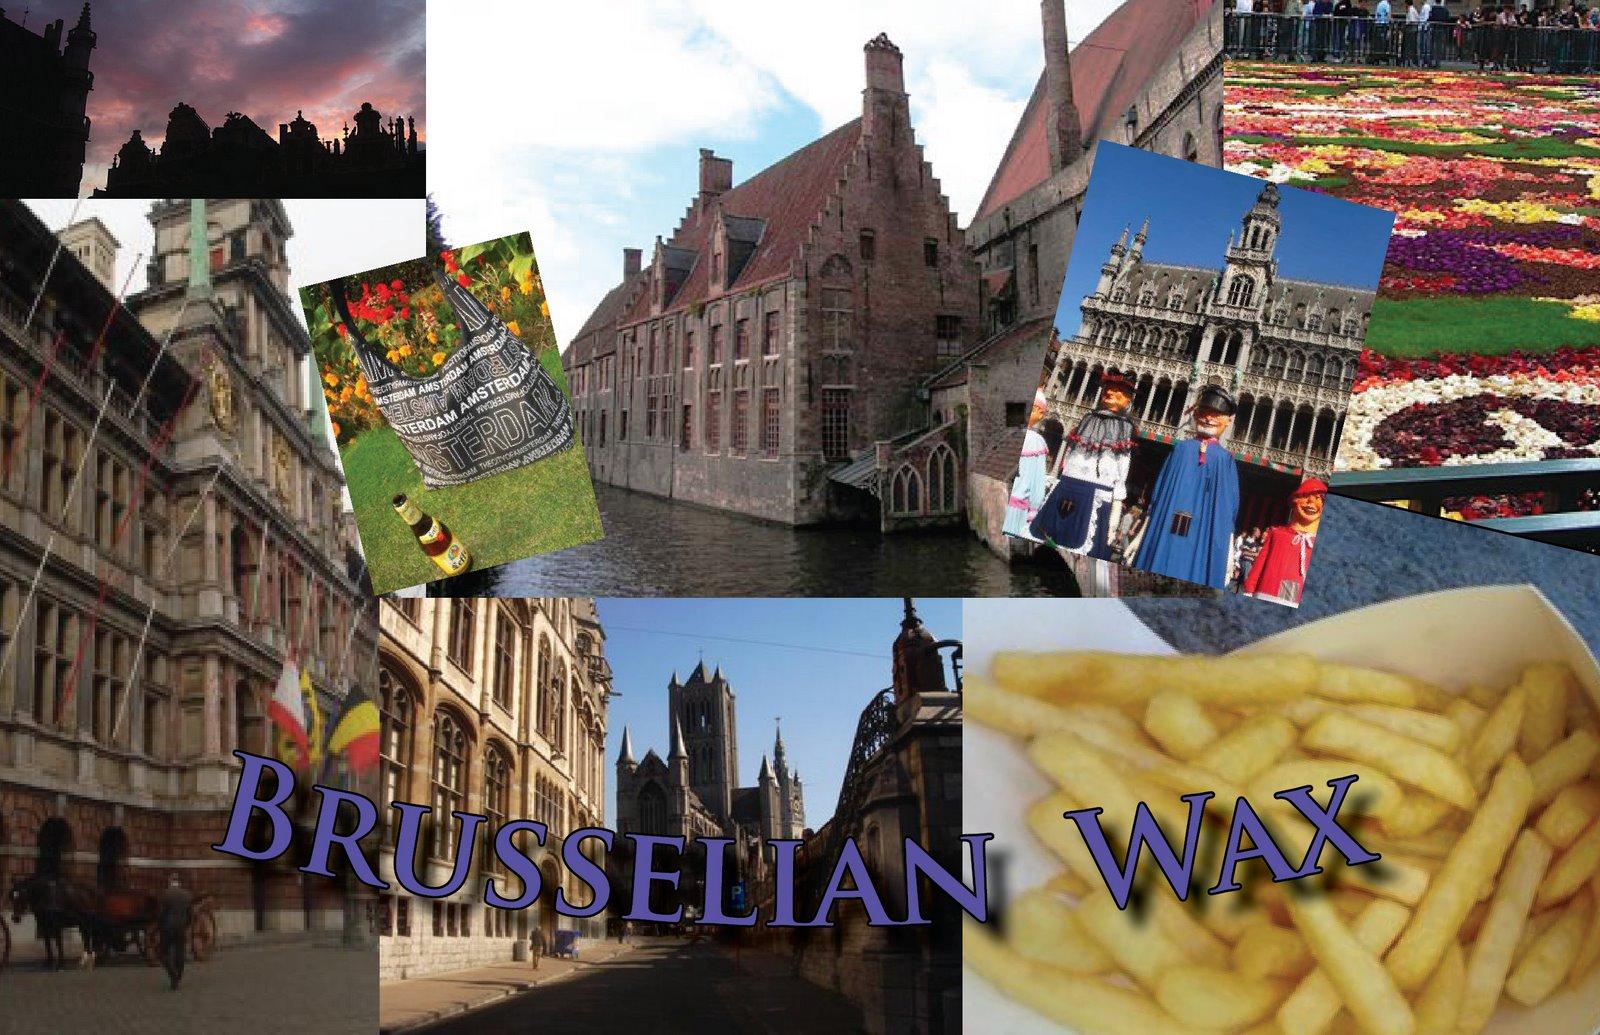 Brusselian Wax